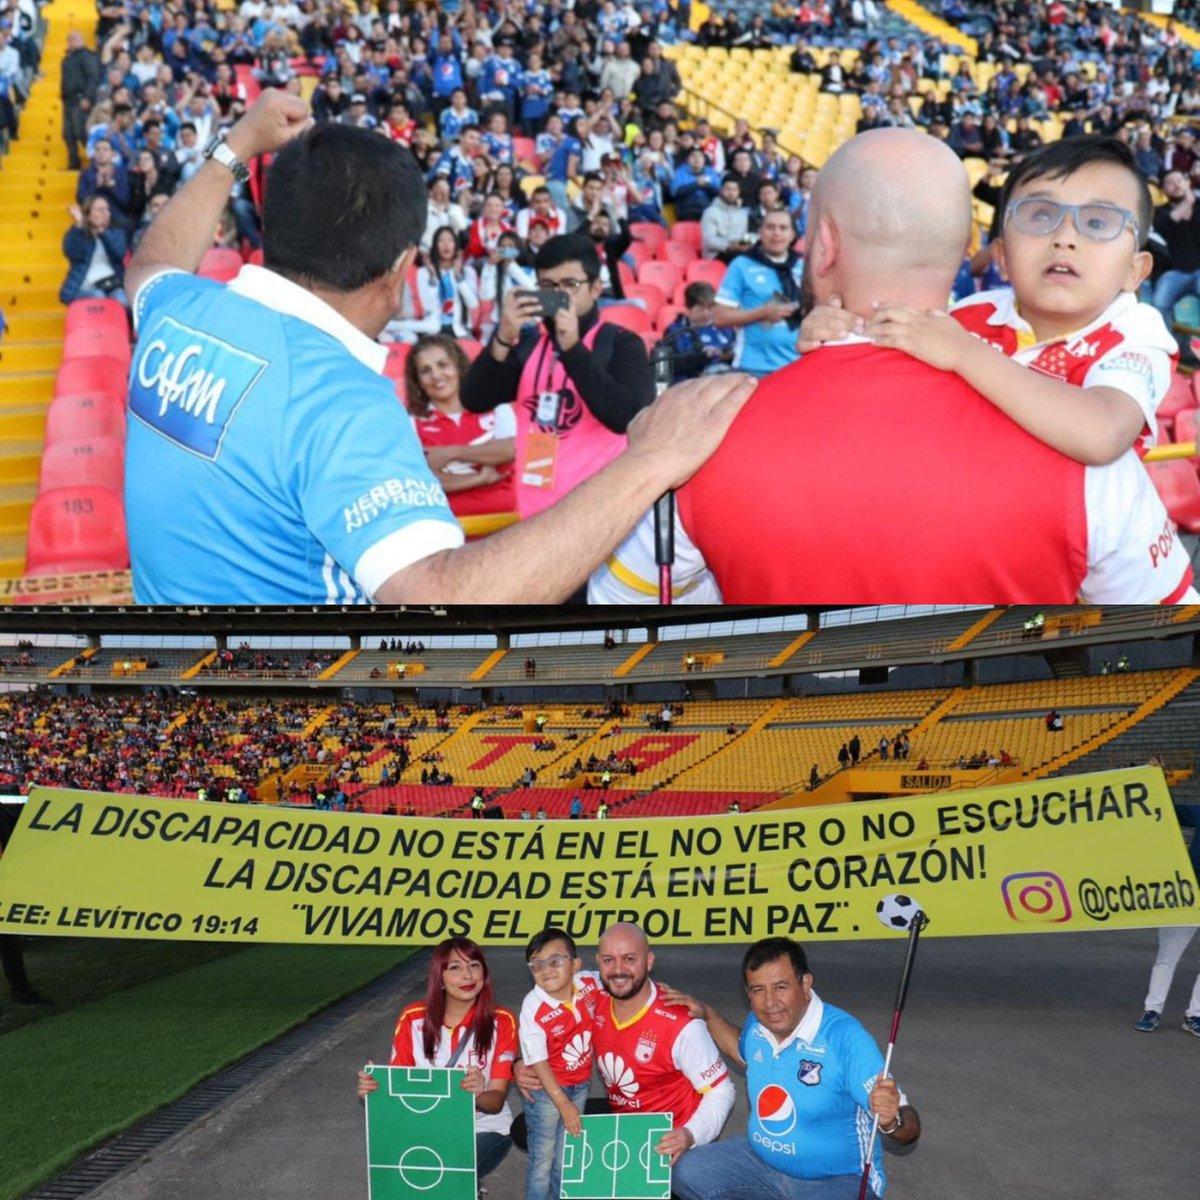 Seguimos invitado a disfrutar un fútbol en paz, gracias a @foxsportscol Oscar Gómez y por su puesto a @juanfemejiabahamon por unirse a #futbolconlapiel  Cuál es la discapacidad de tu corazón?